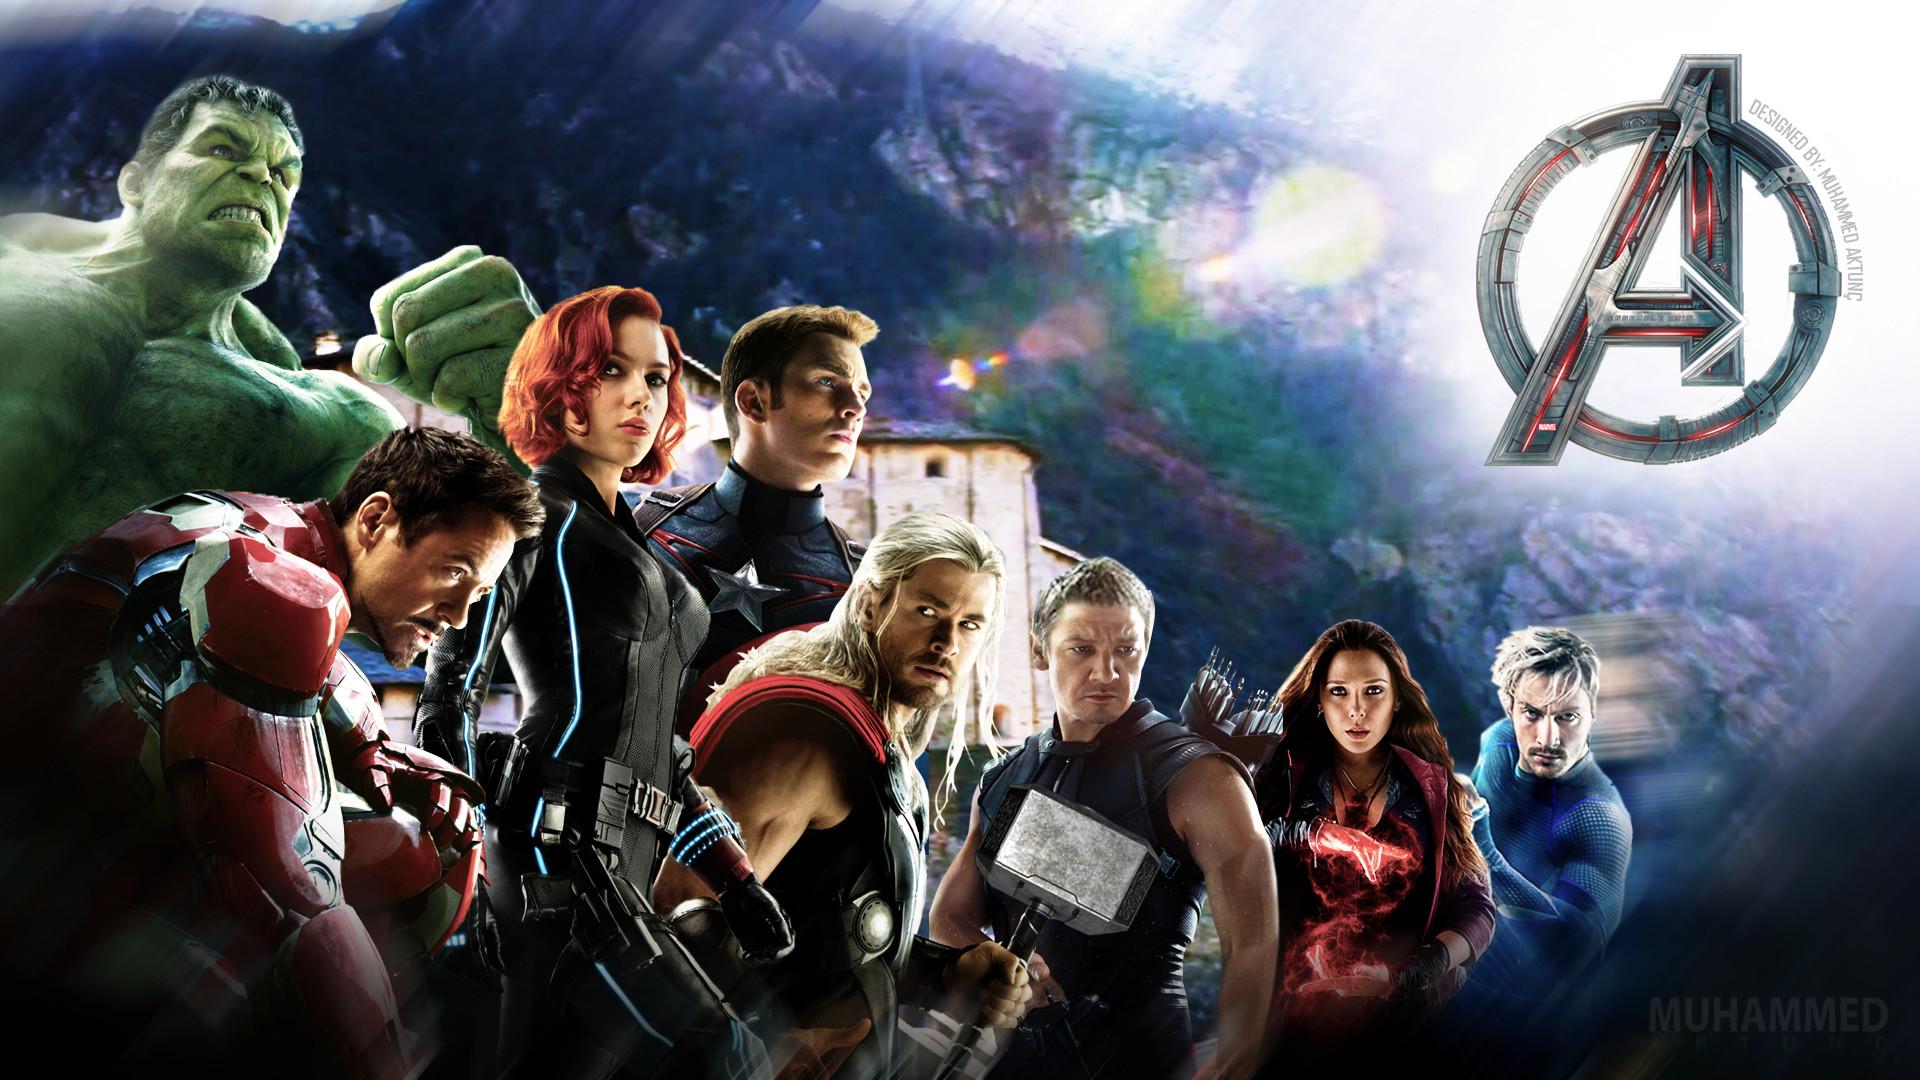 Marvel Avengers Desktop Wallpaper (79+ Images